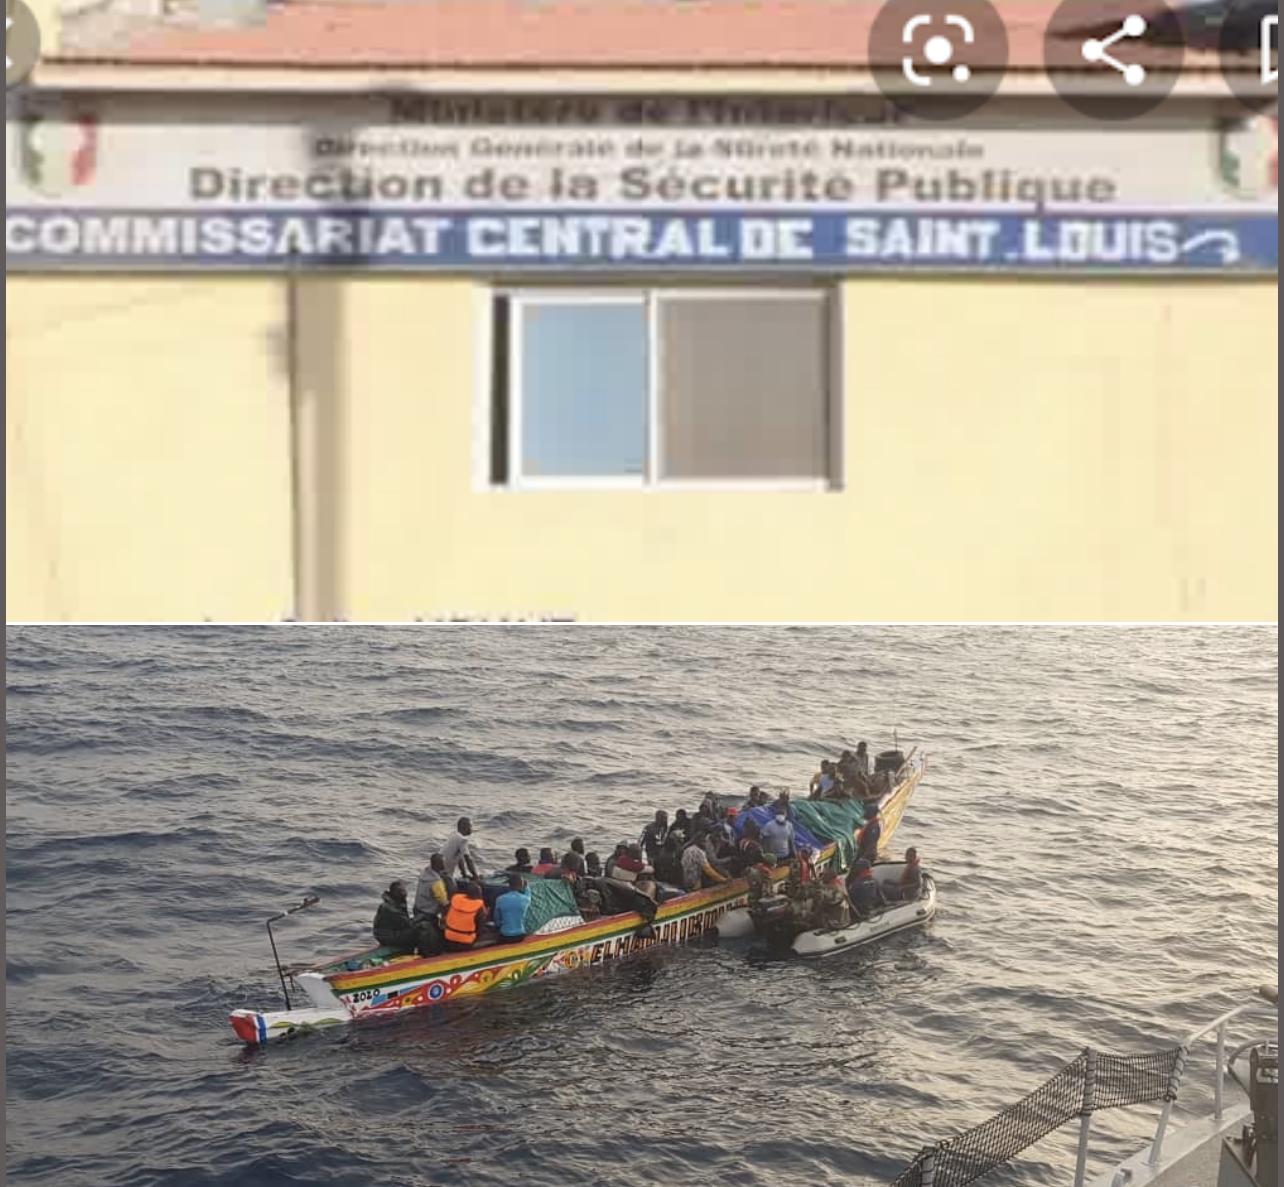 Émigration Irrégulière / Le gros coup de filet du commissariat central de Saint-Louis : «Deux convoyeurs et 14 candidats arrêtés dans différents quartiers de la ville»